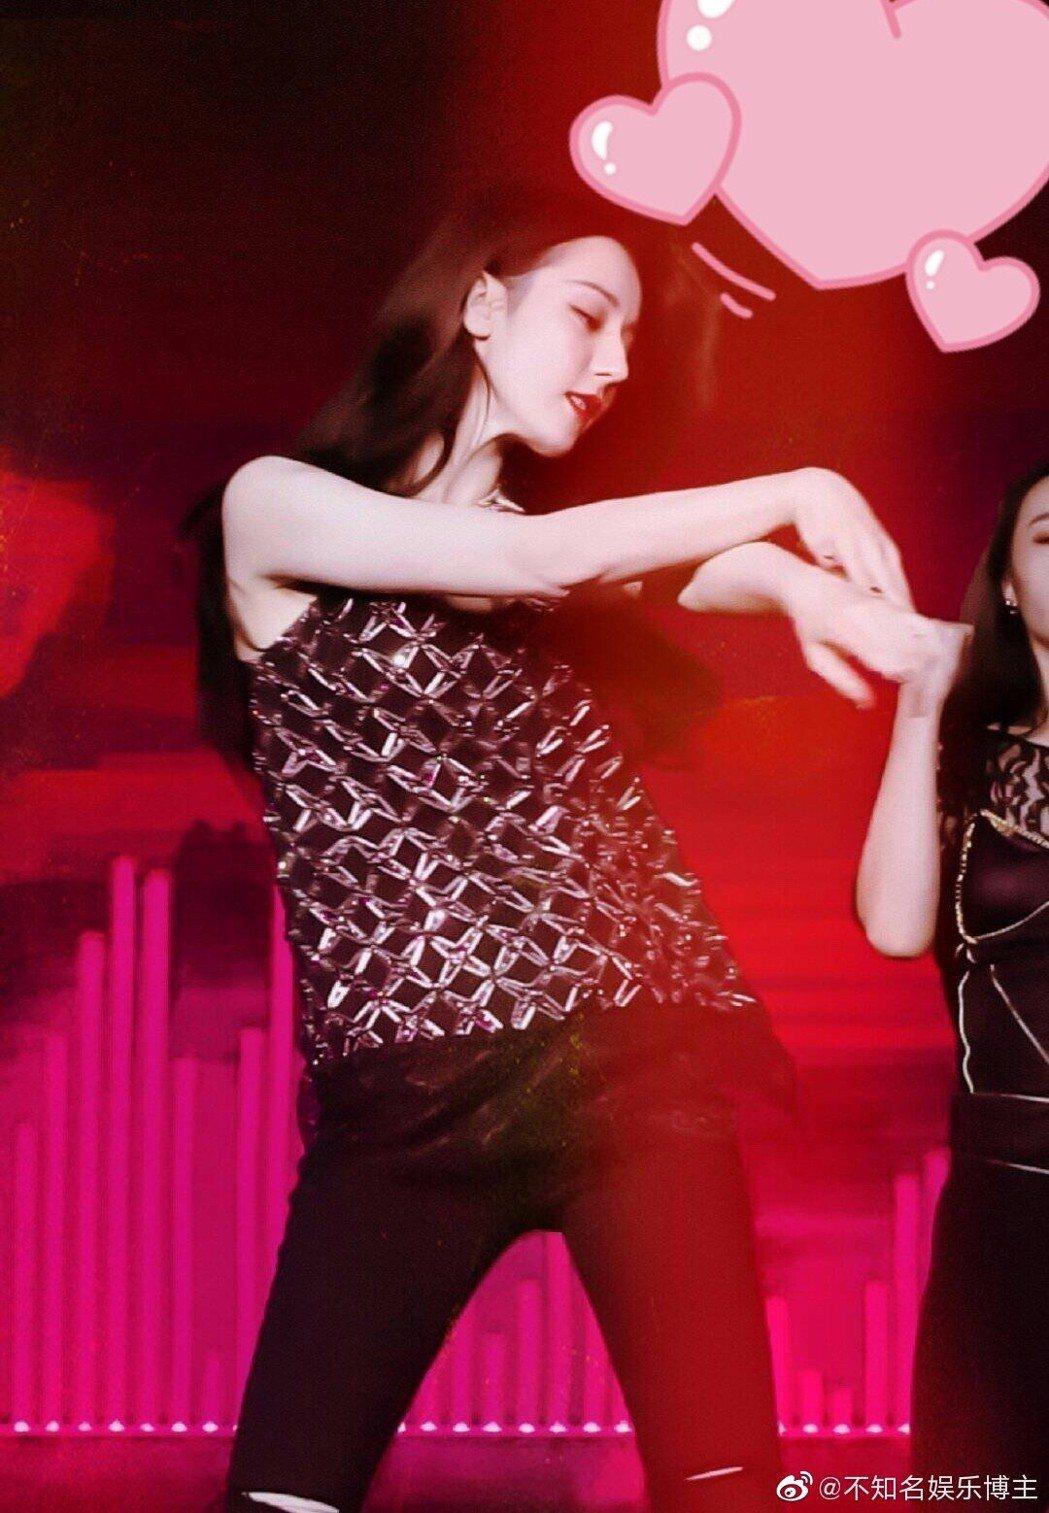 迪麗熱巴在生日會上熱舞。 圖/擷自微博